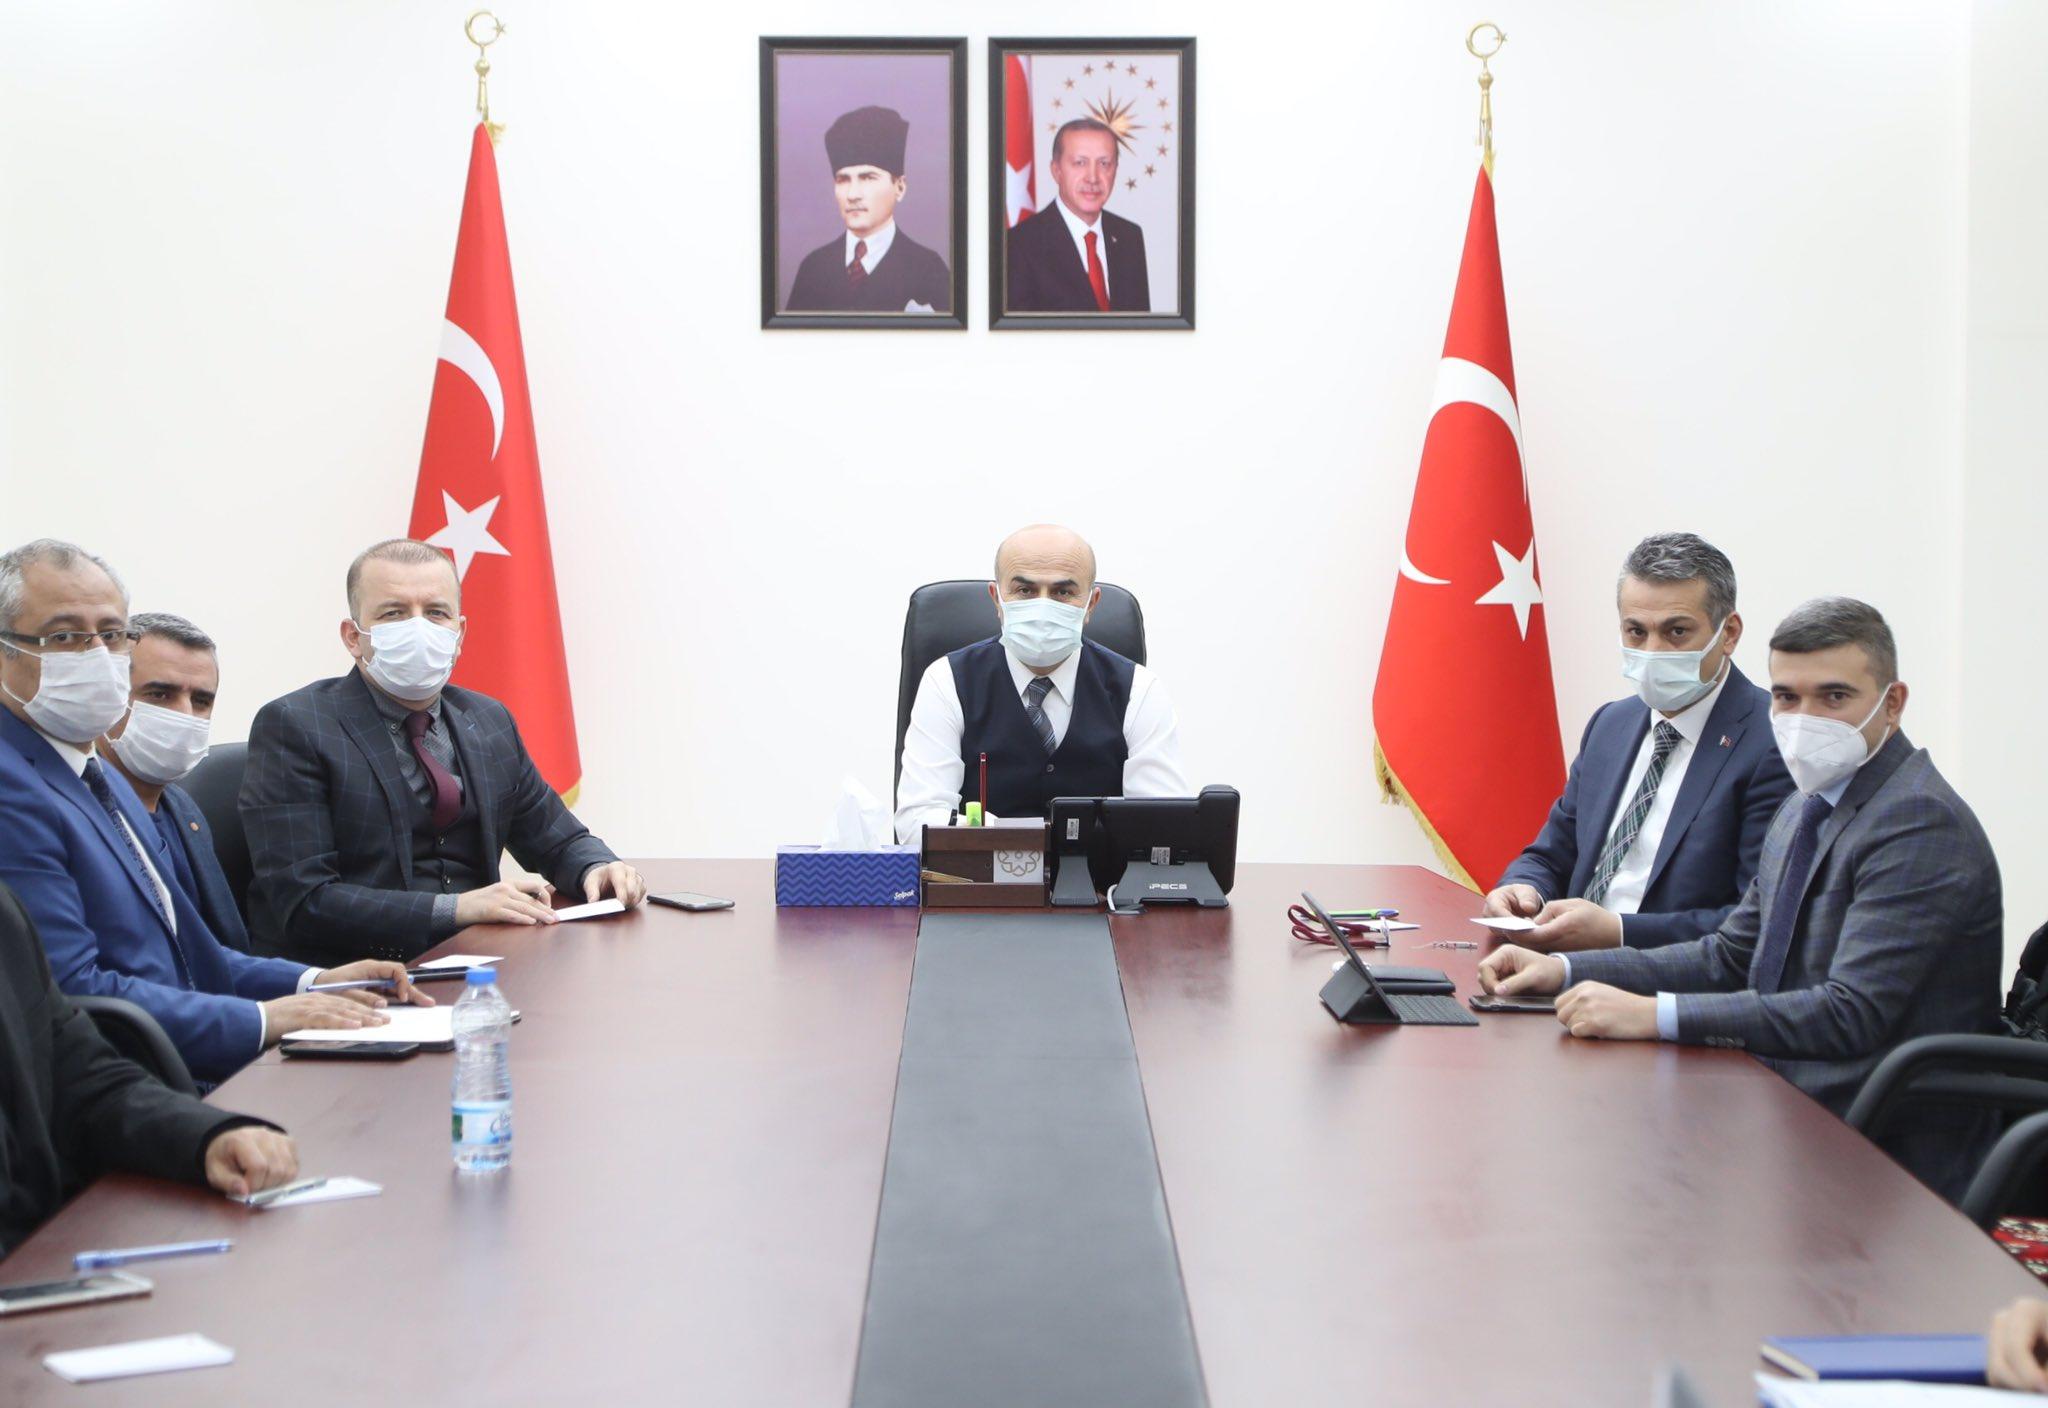 Mardin'de Çevre ve Şehircilik Bakanlığının yapacağı yatırımlar değerlendirildi